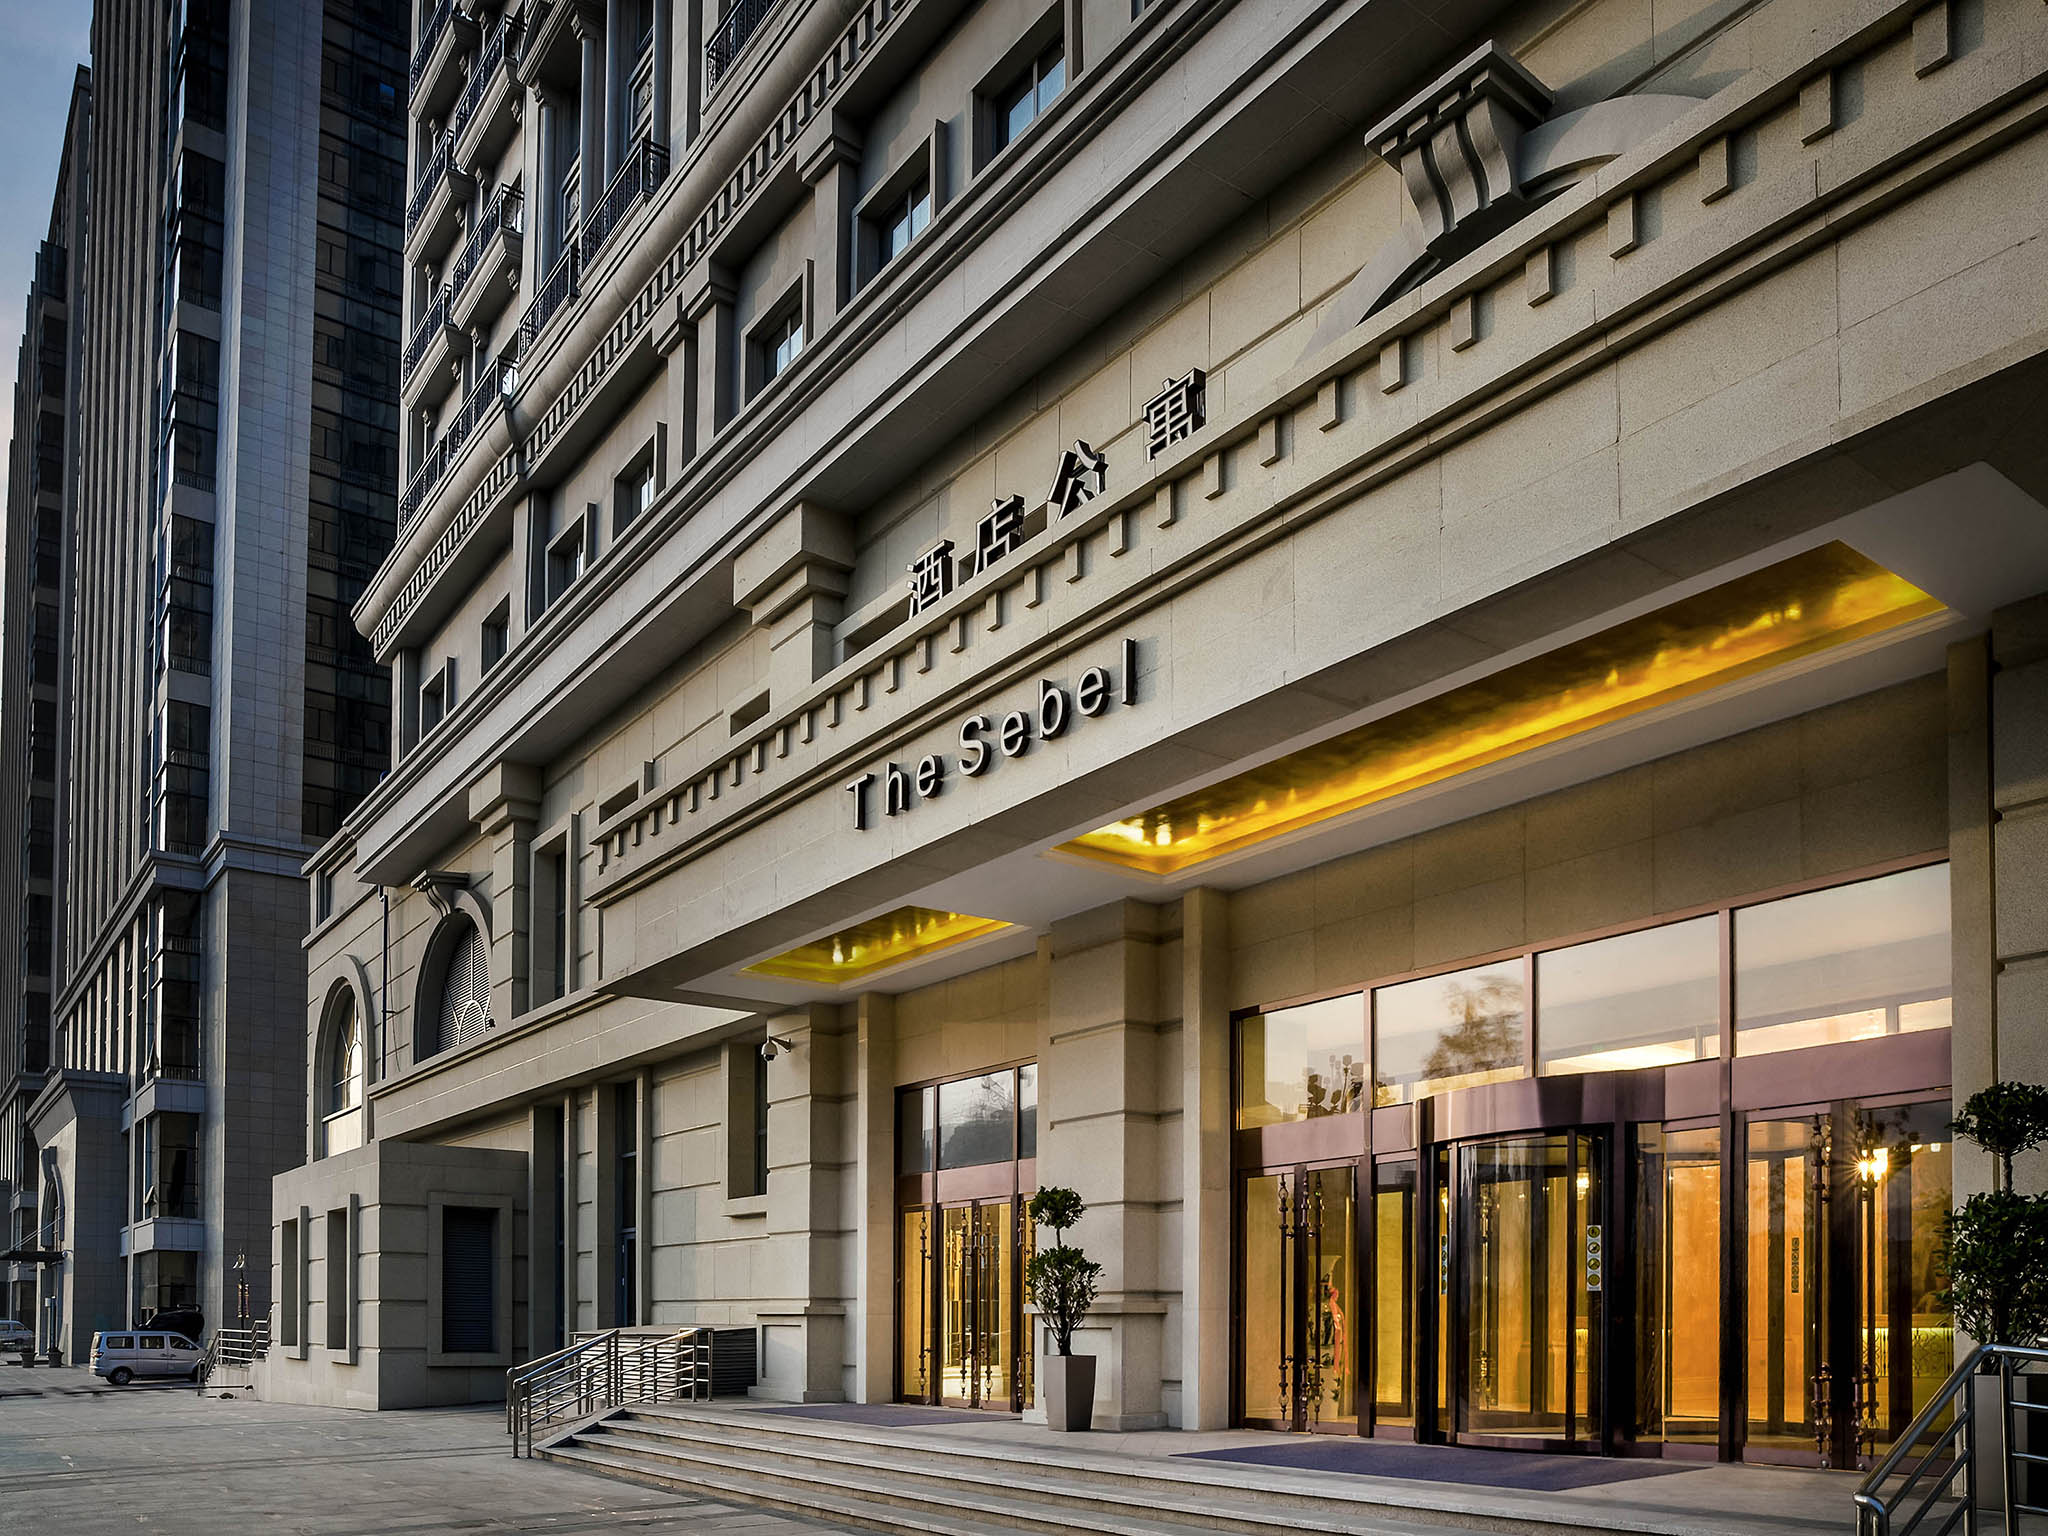 فندق - The Sebel Xi Ning